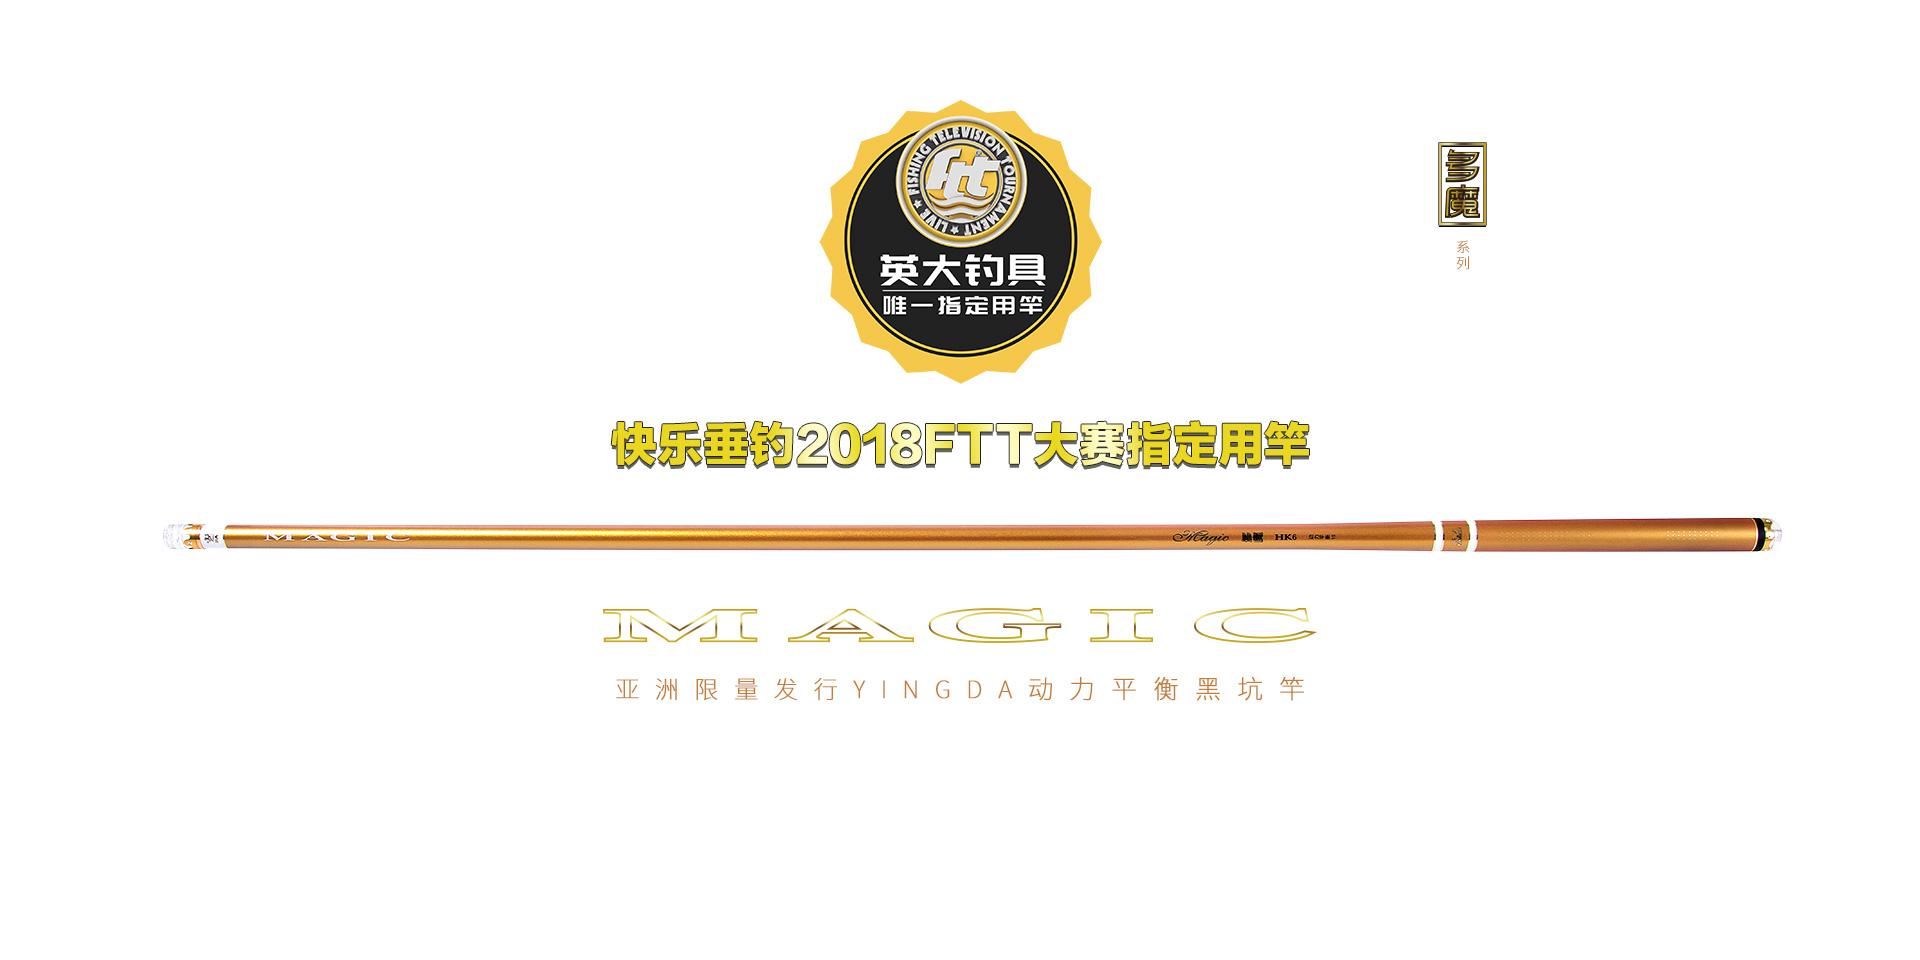 英大钓具亚洲限量发行YINGDA・MAGIC・动力平衡黑坑系列新品――多魔・HK6,品质型动力平衡黑坑竿